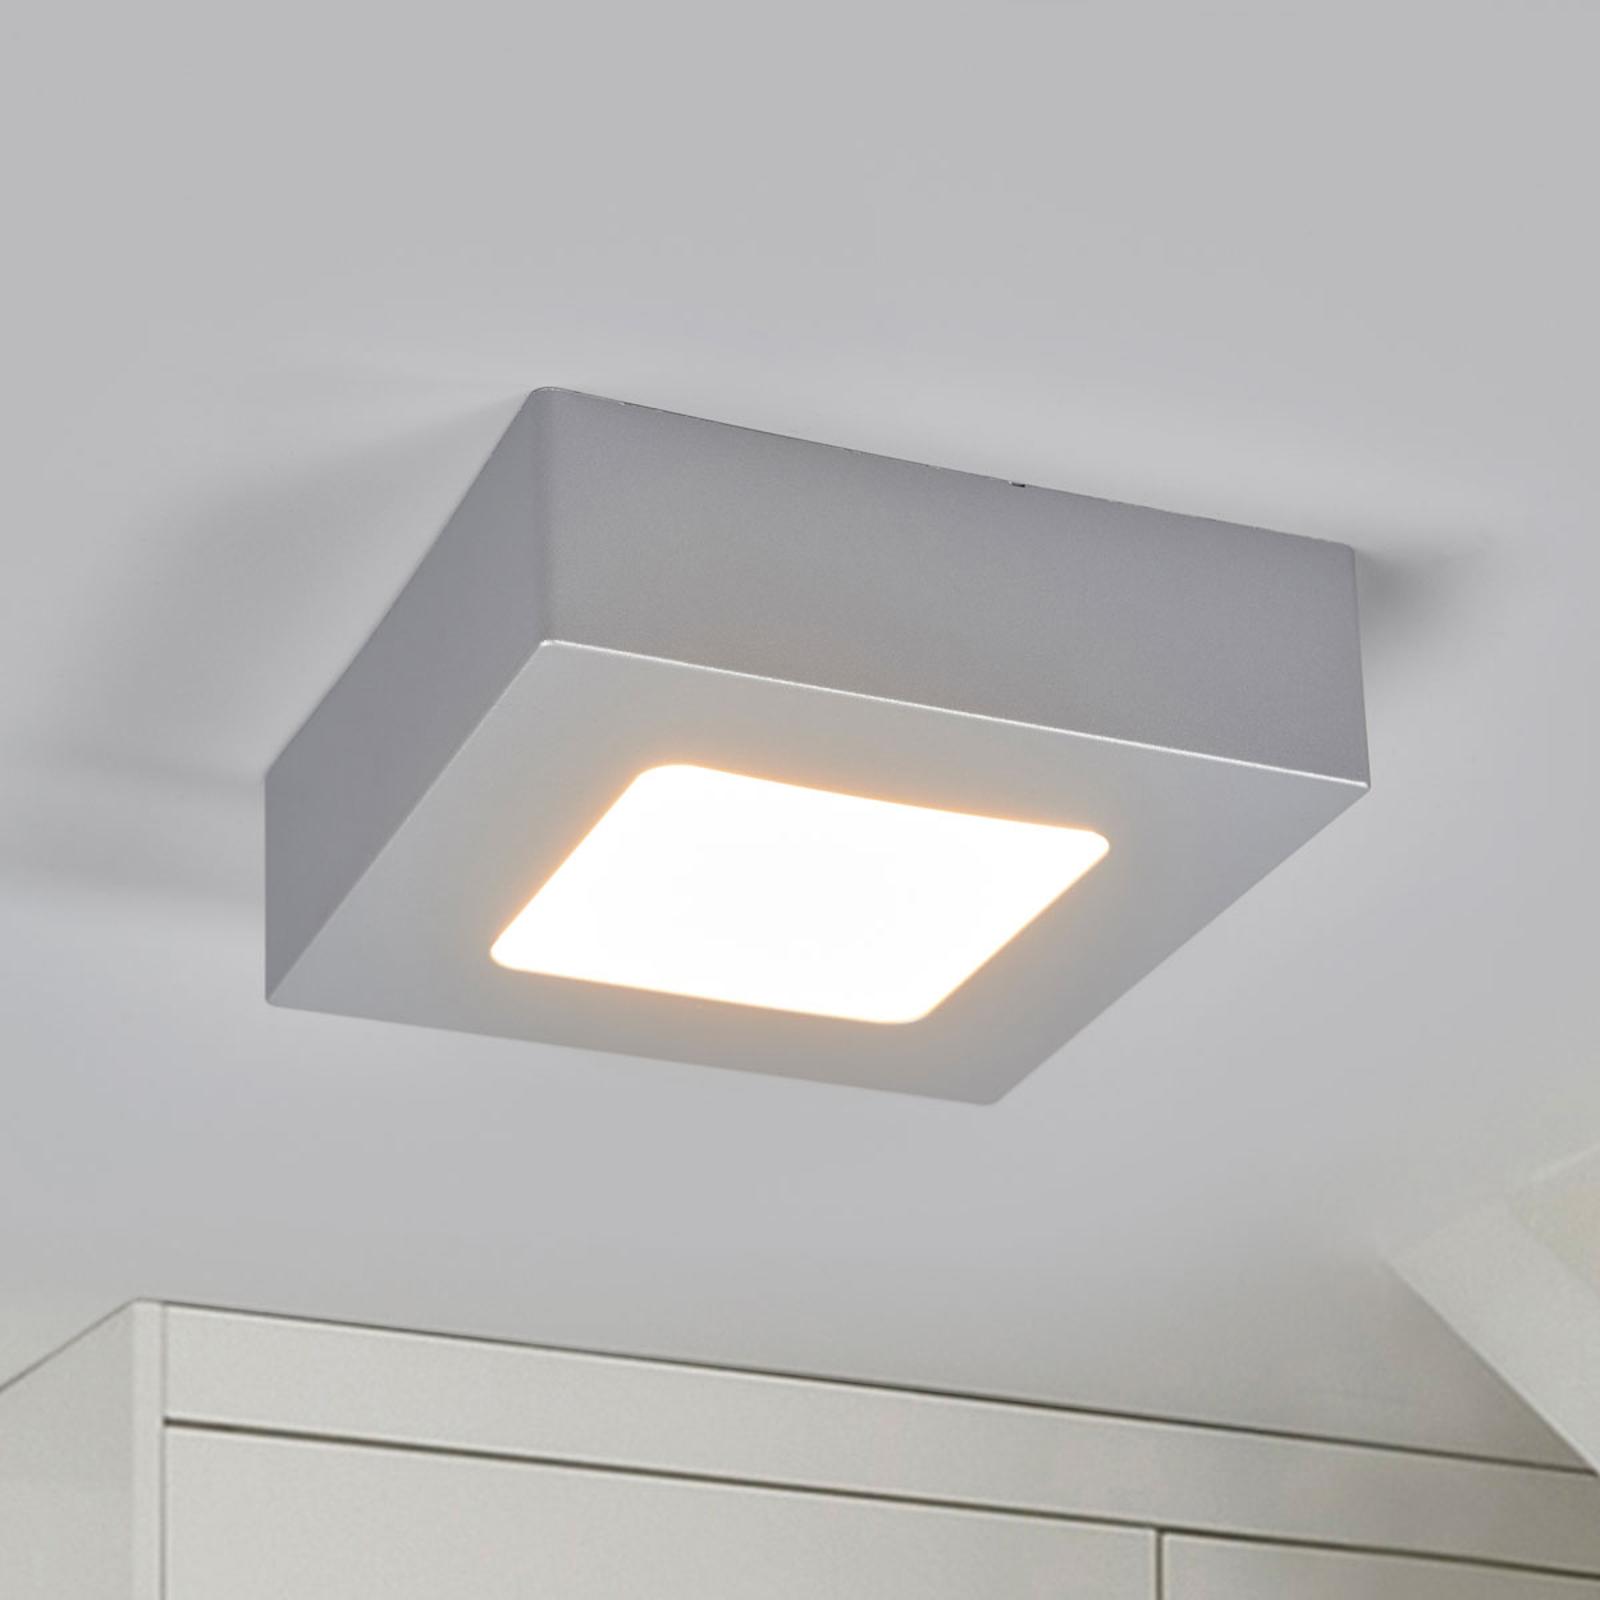 LED stropní svítidlo Marlo hranaté 12,8 cm